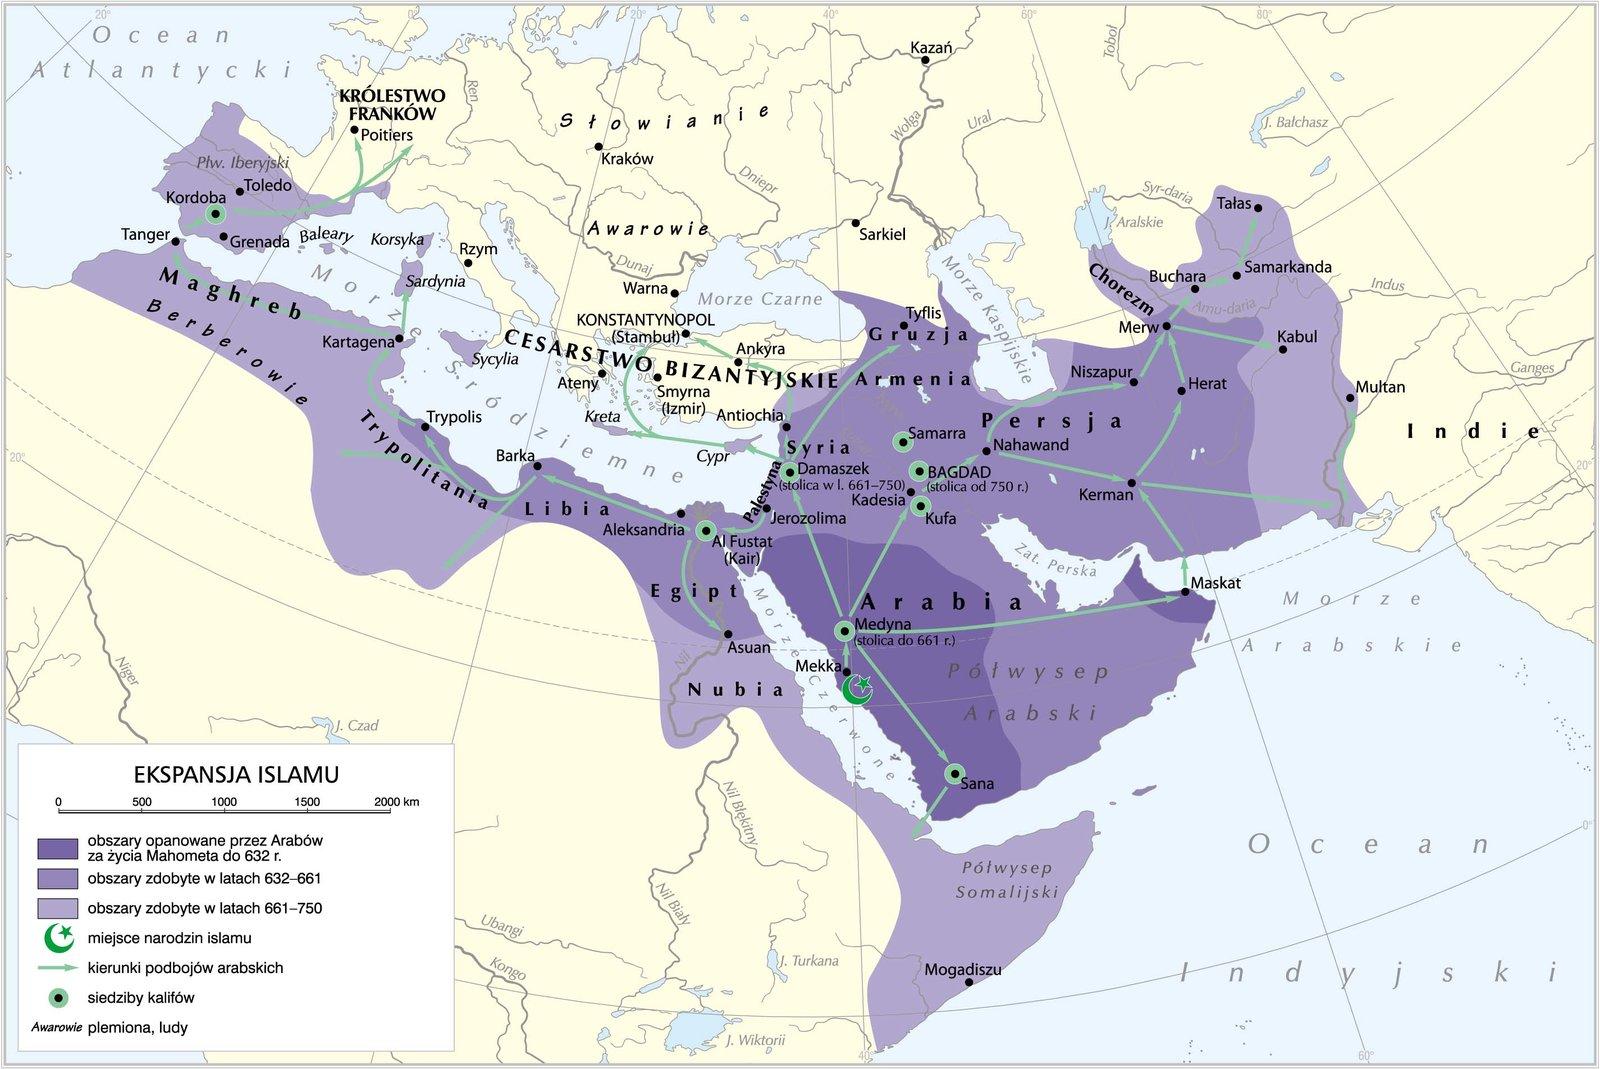 mapaEkspansja islamu